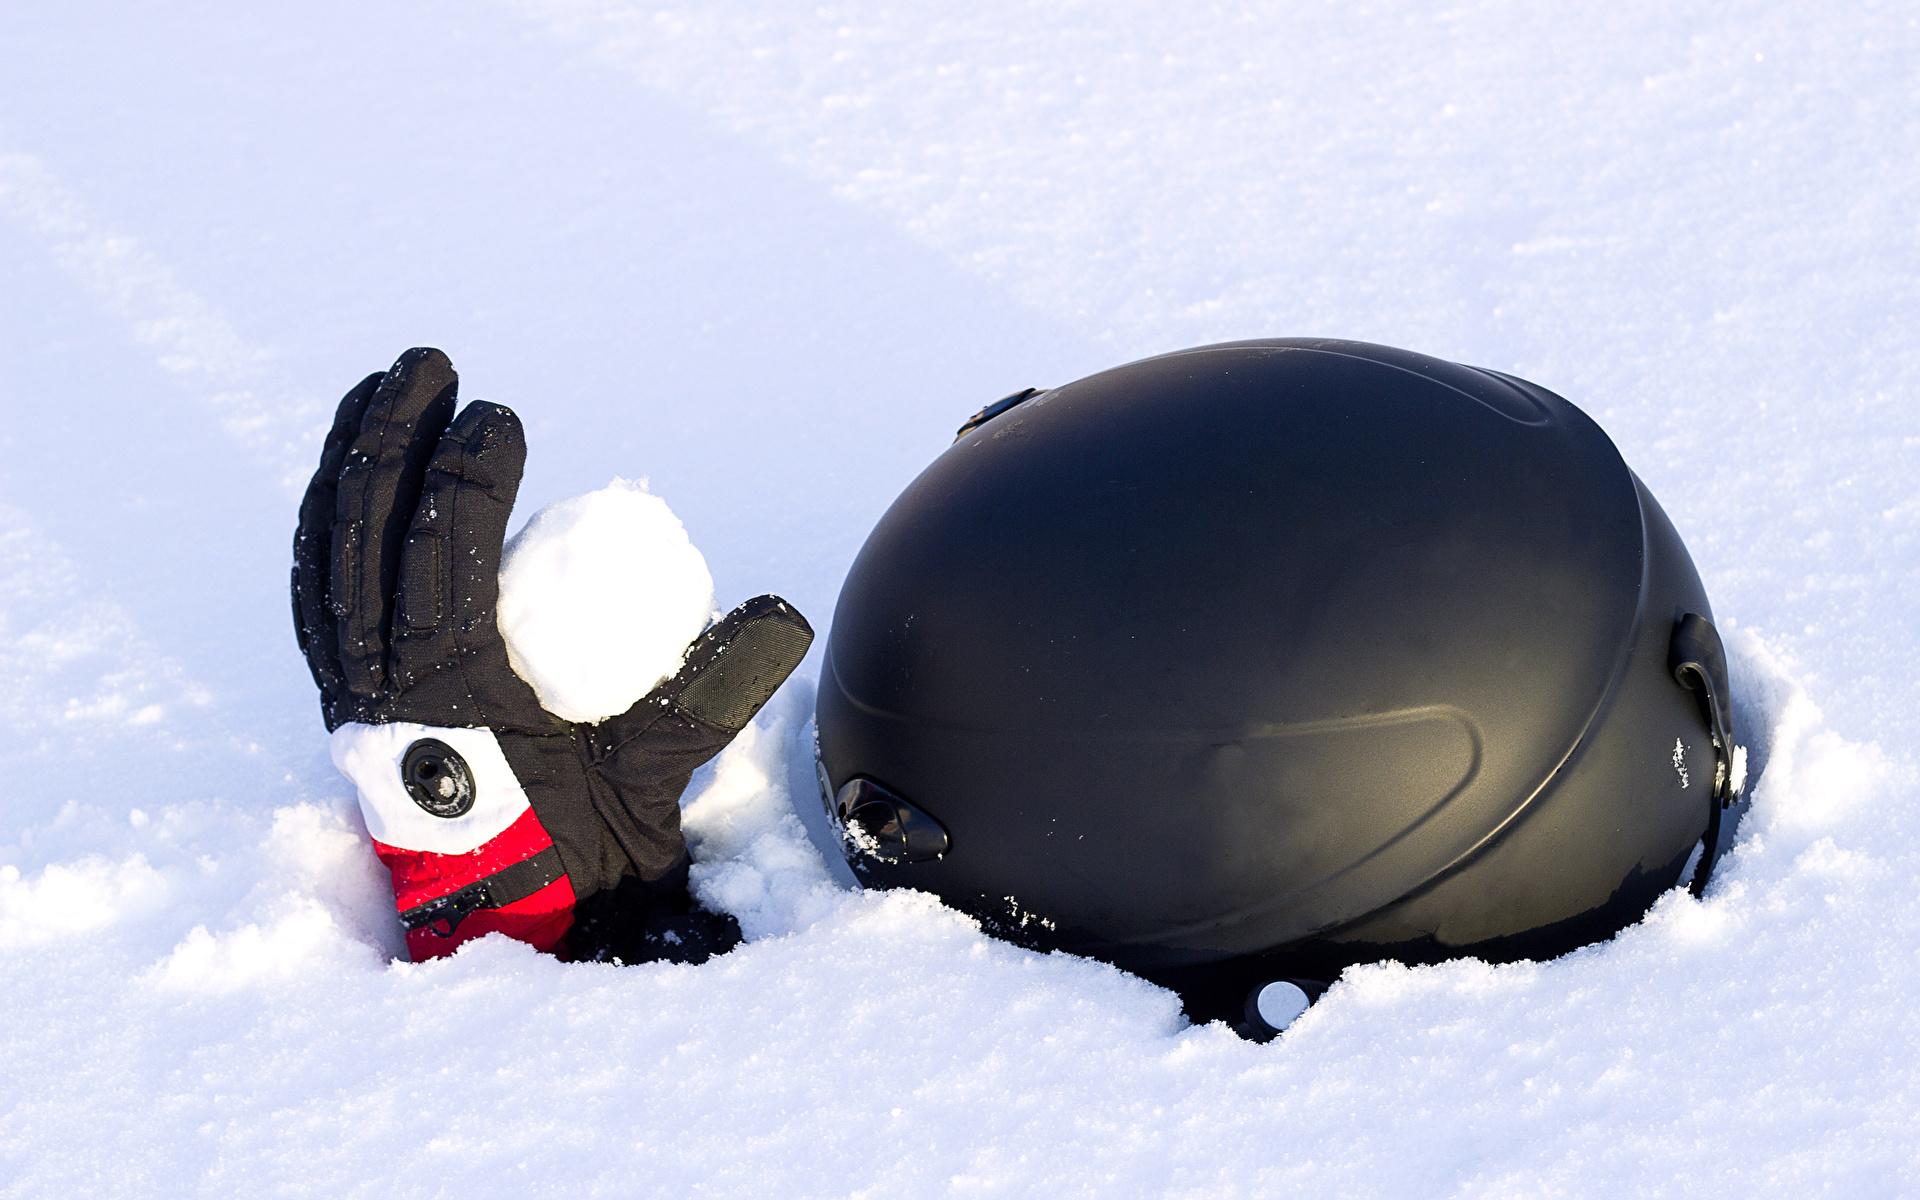 Фотографии в шлеме Перчатки Зима снега 1920x1200 Шлем шлема перчатках зимние Снег снегу снеге